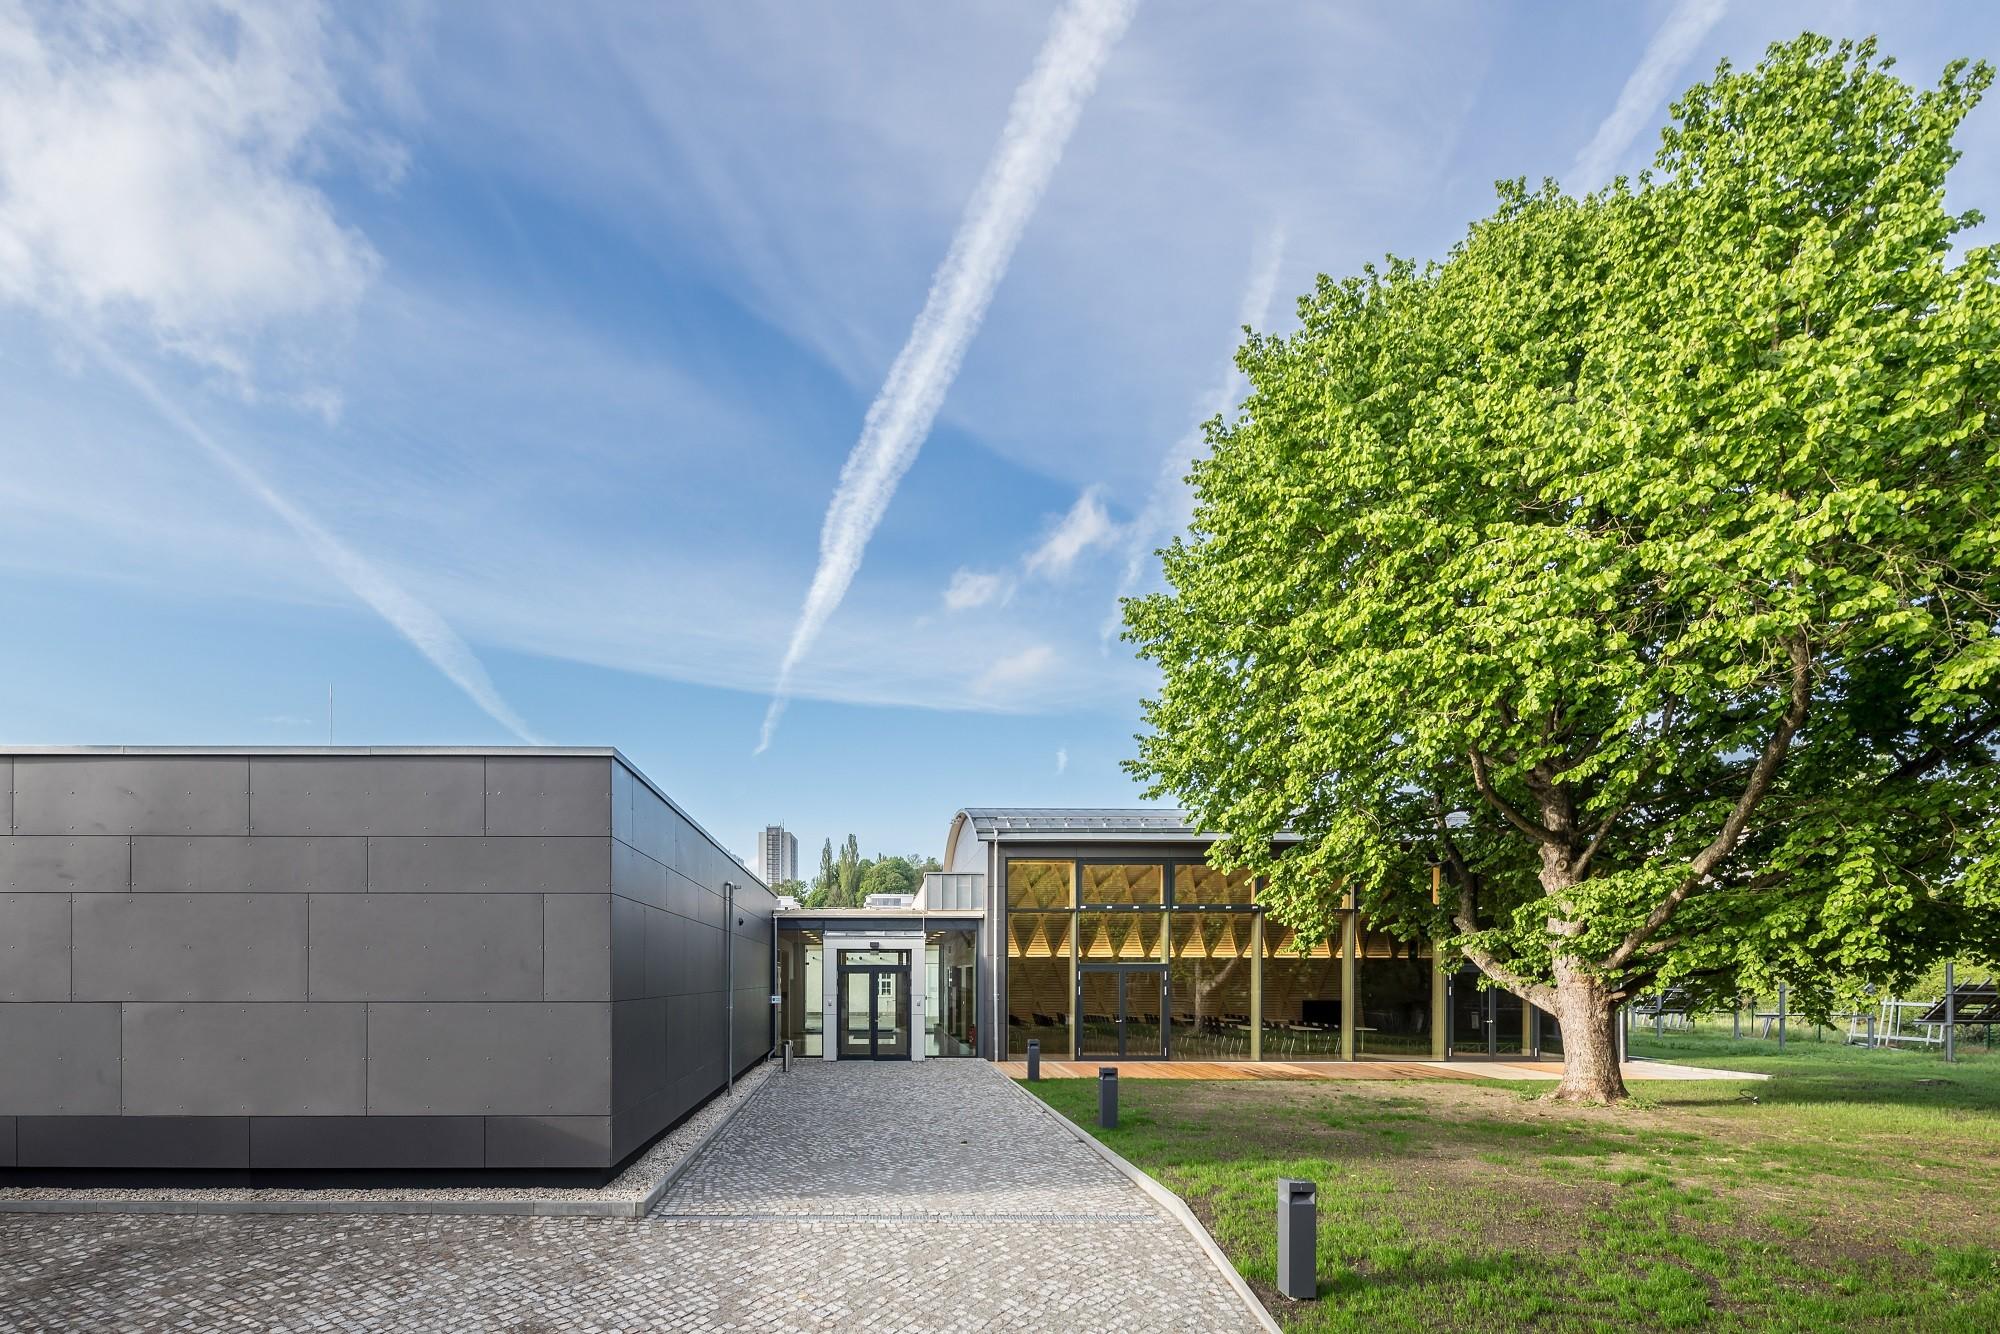 Konferenzzentrum Ihd In Dresden Nachhaltig Bauen Bildung